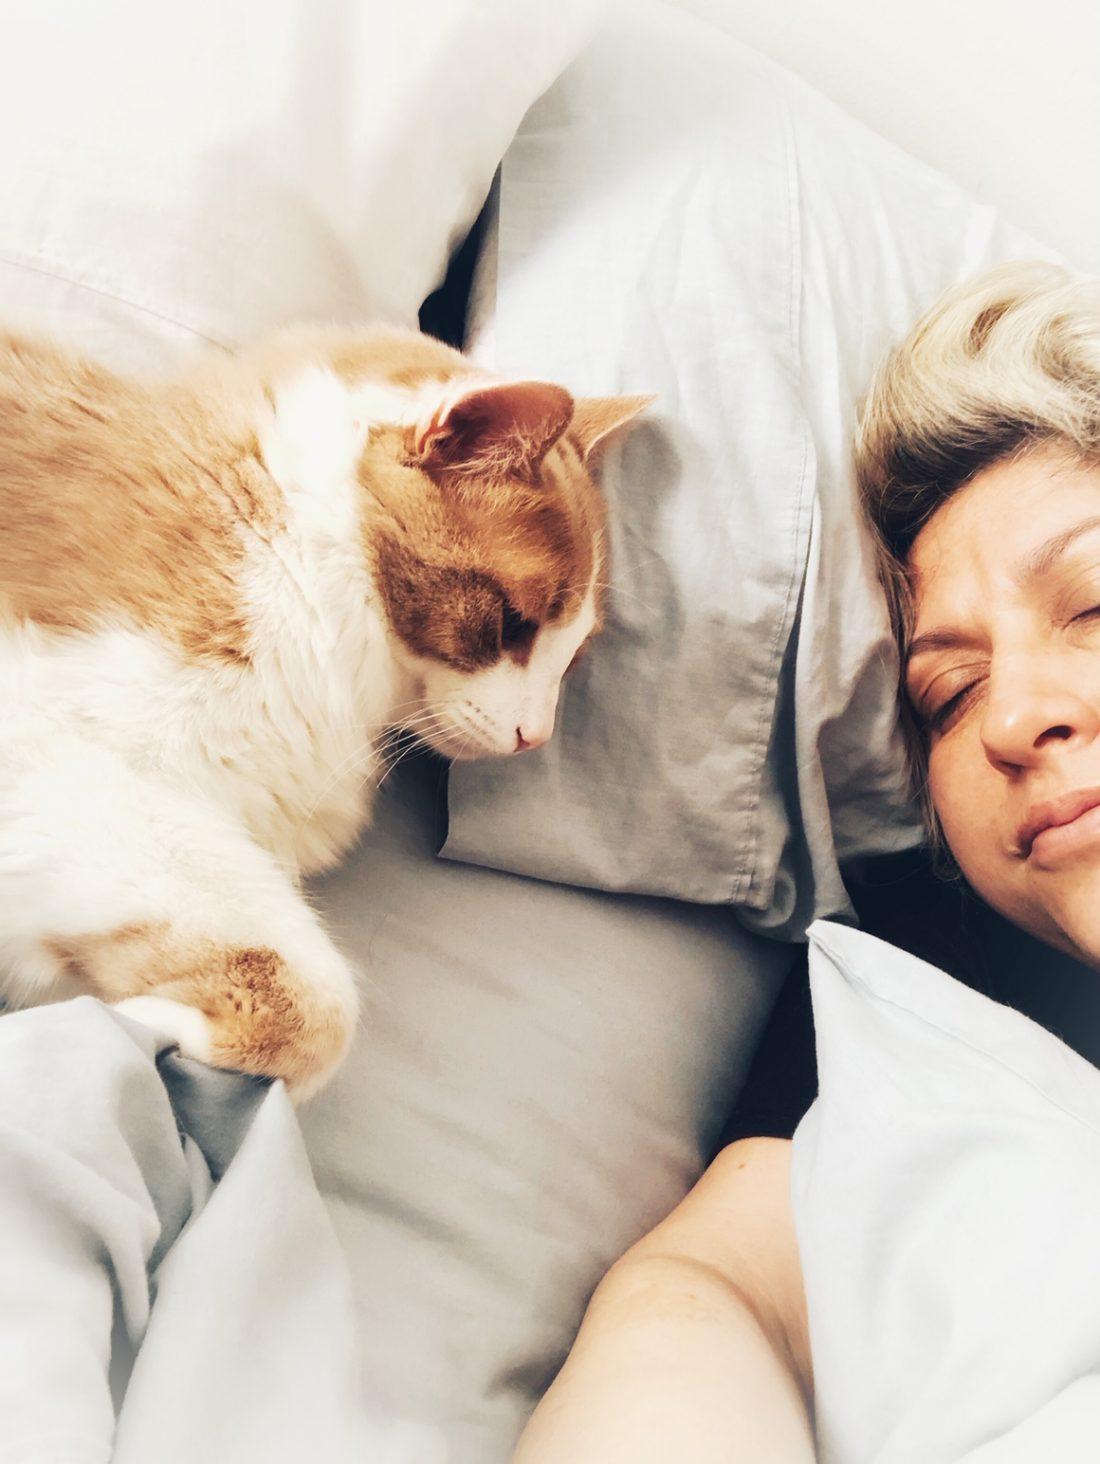 dublin el gato y angelica rodriguez peña profesion viajera marketing digital